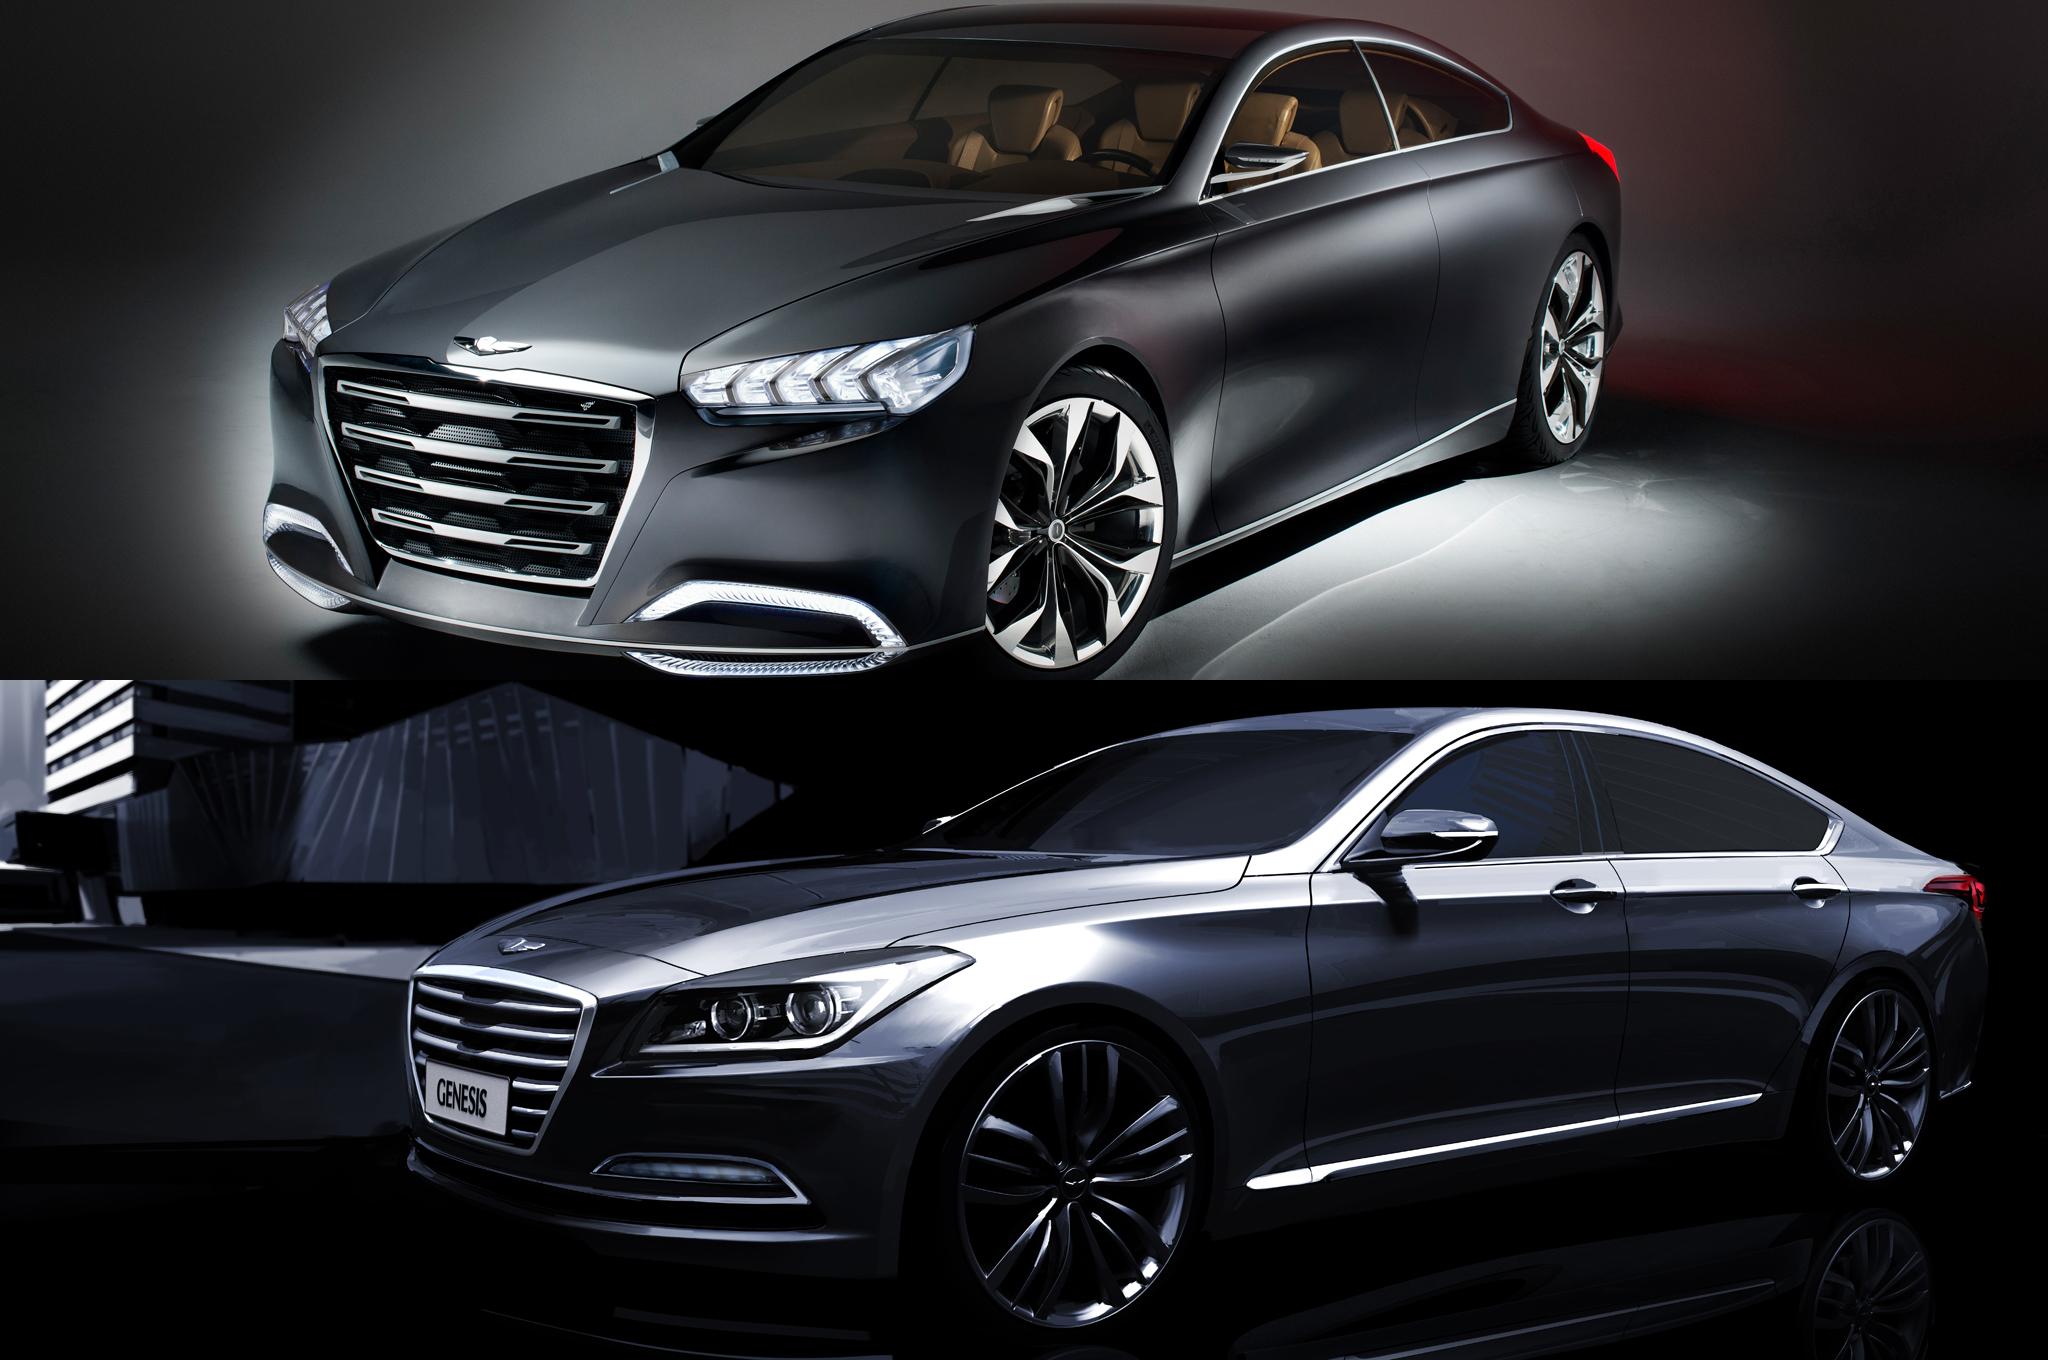 2015 Hyundai Genesis Image 9